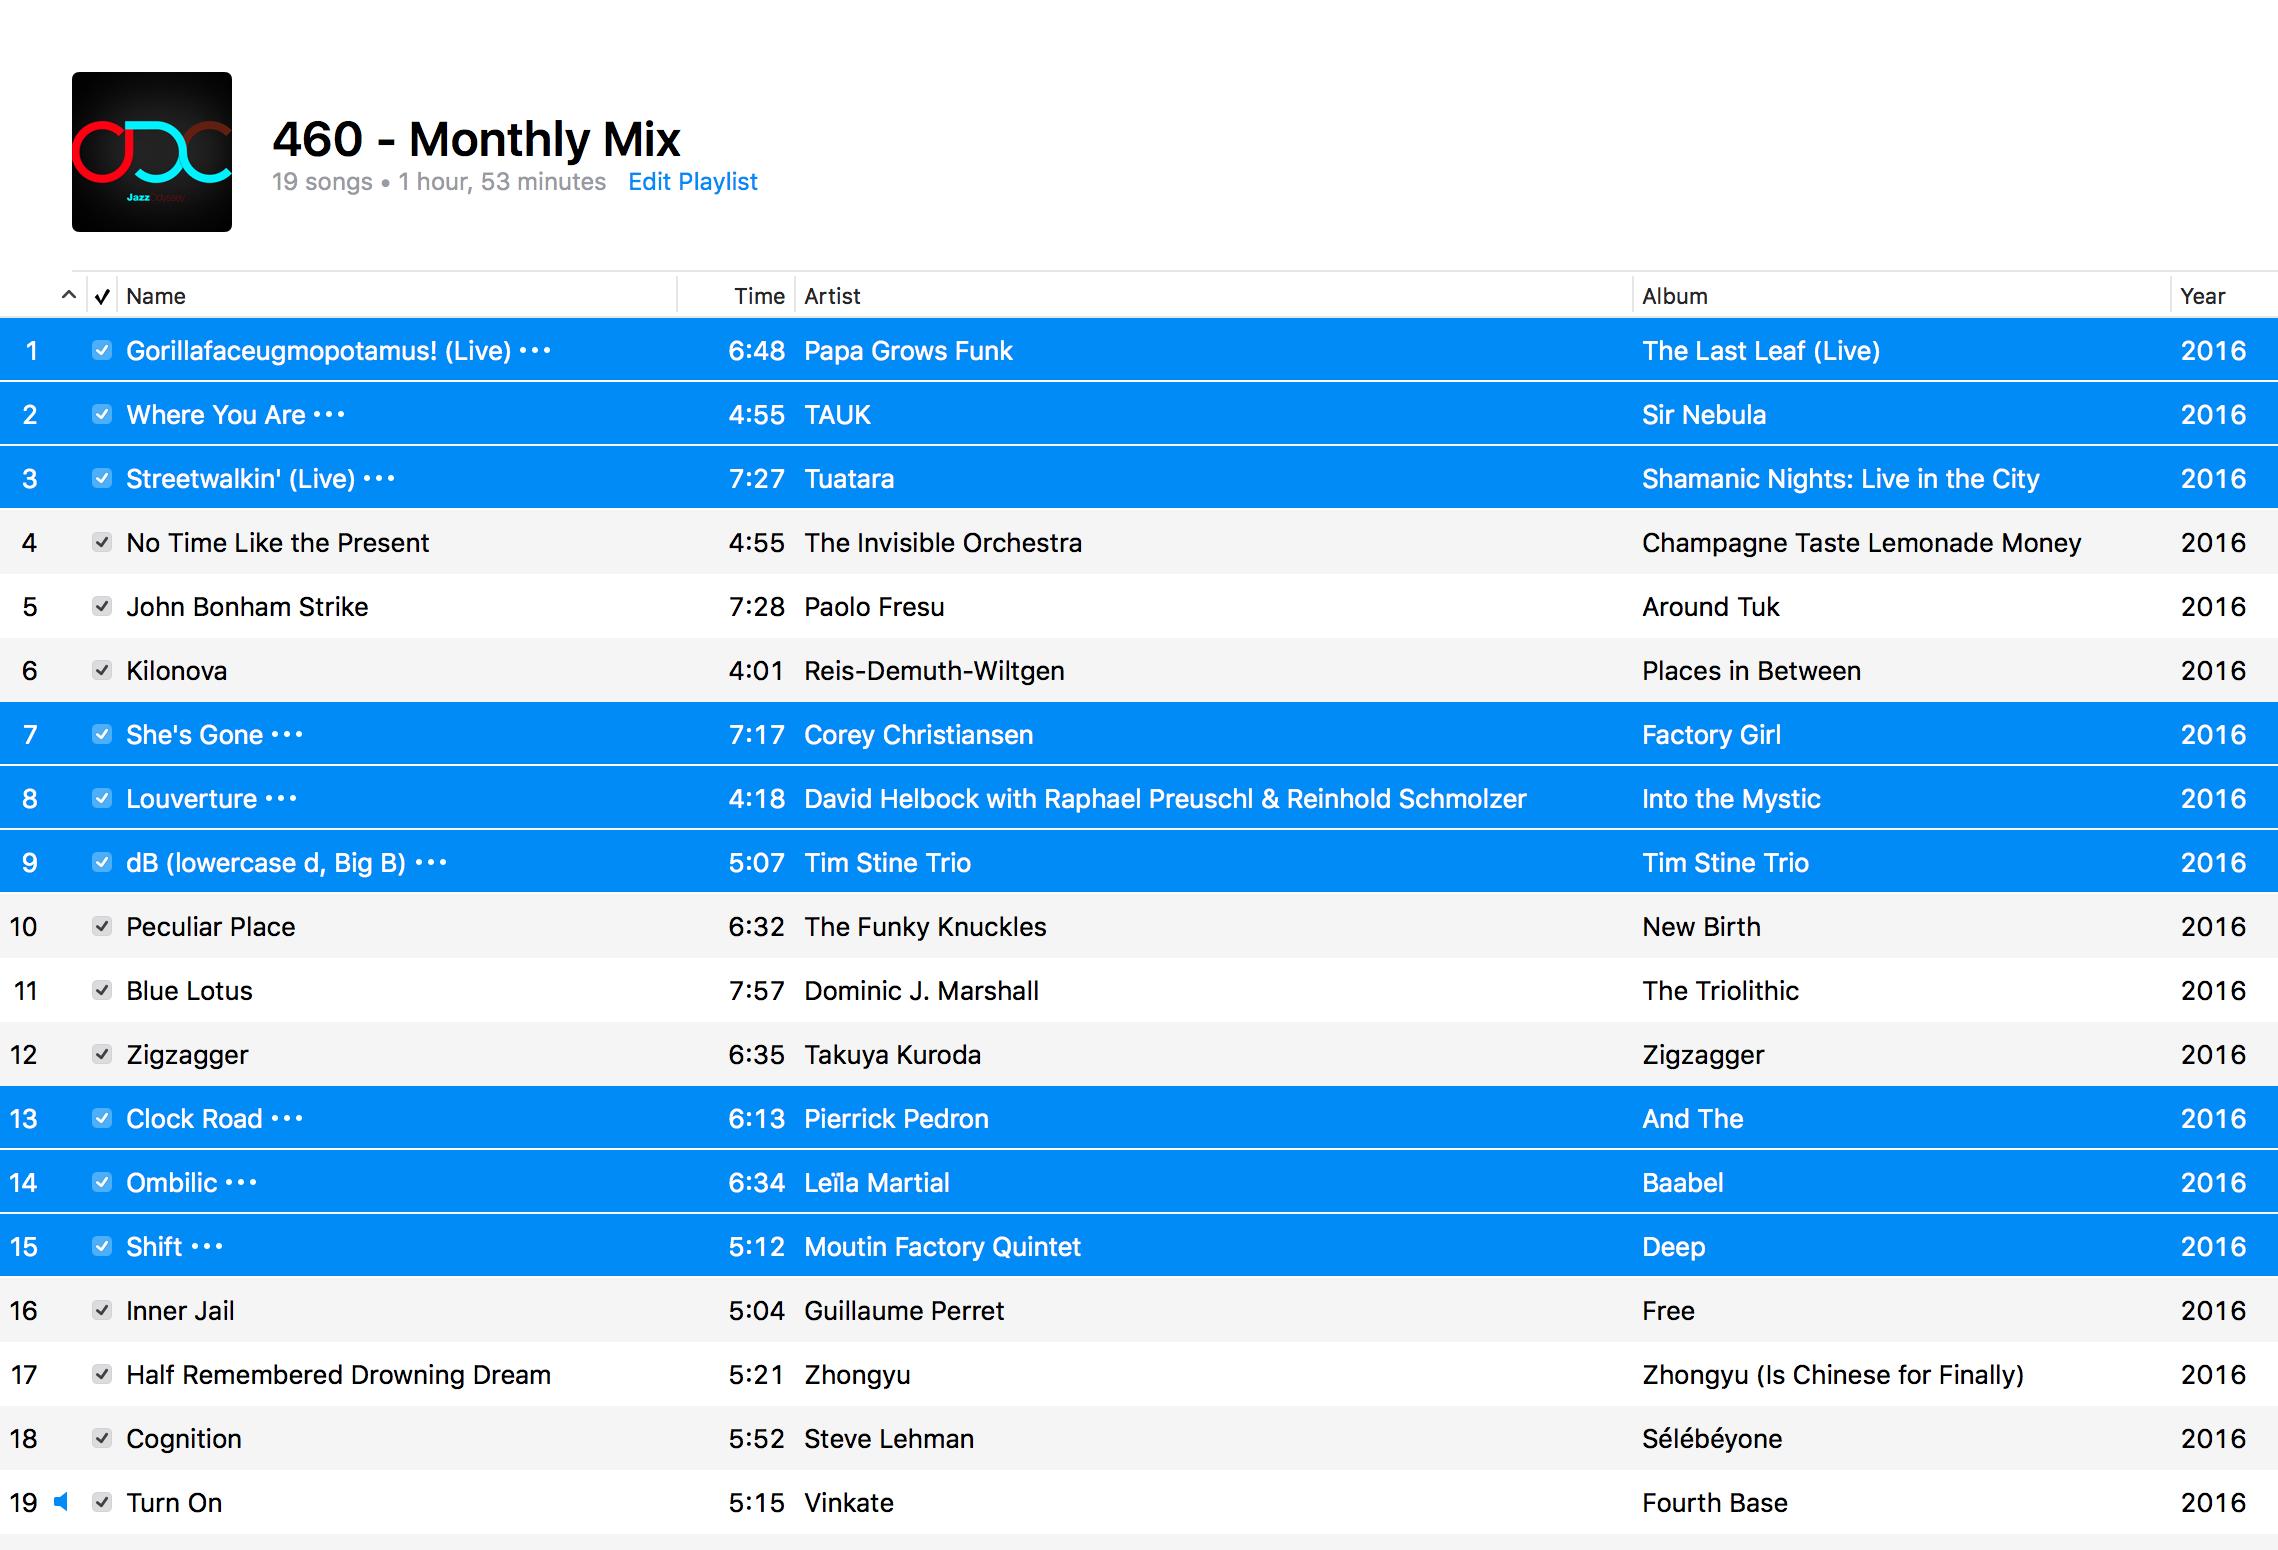 jazz-odc-460-the-monthly-mix-playlist